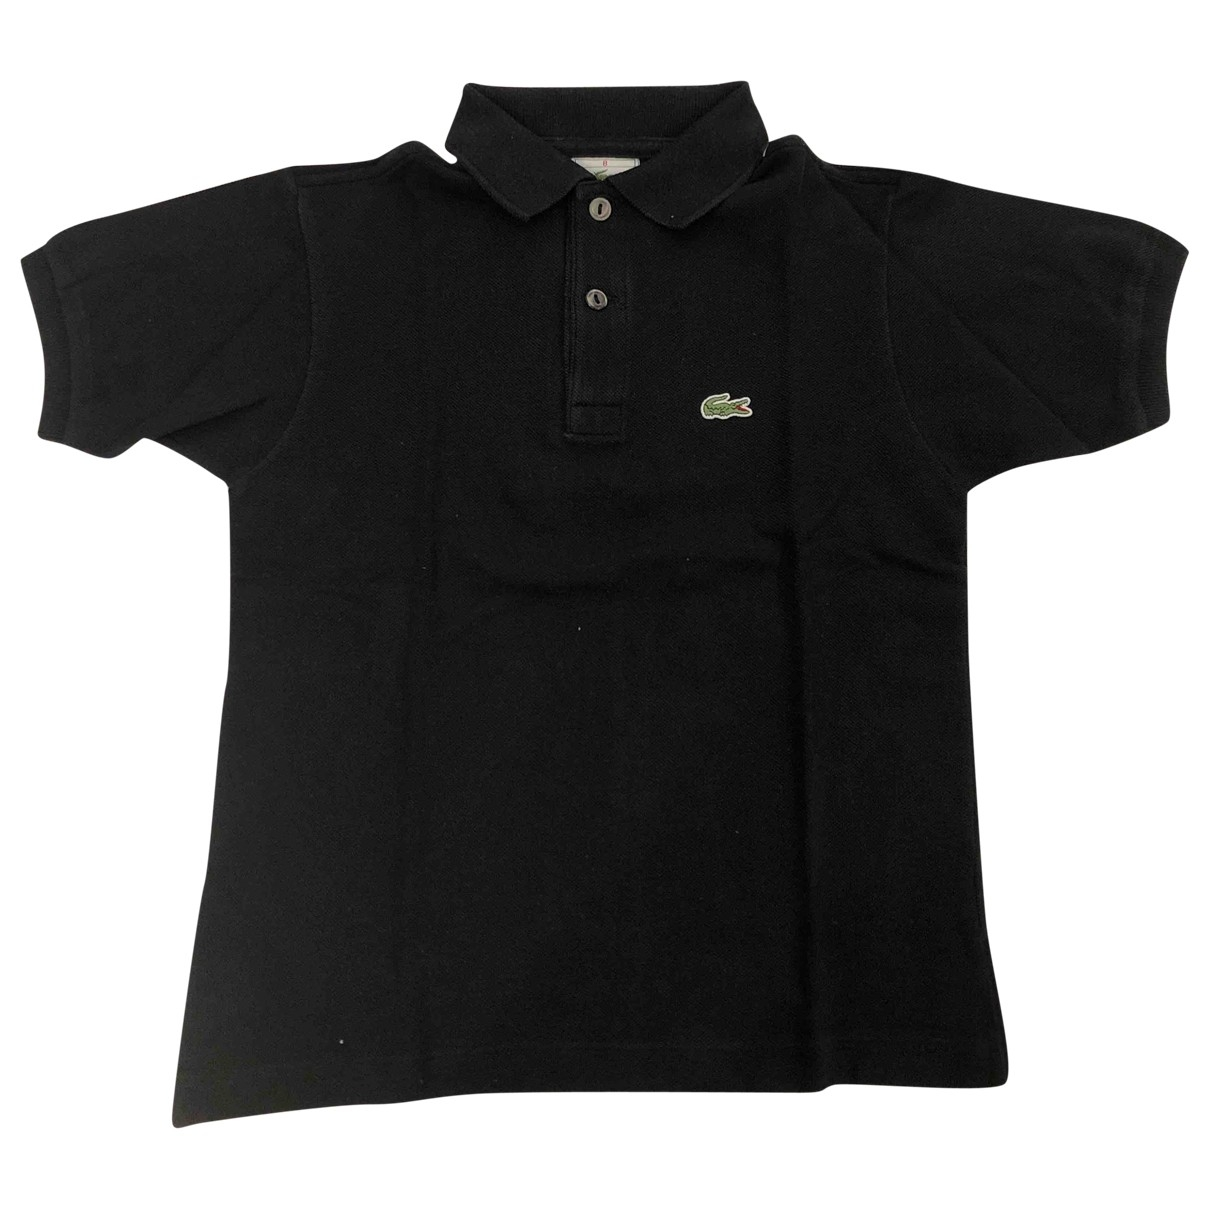 Lacoste - Top   pour enfant en coton - noir